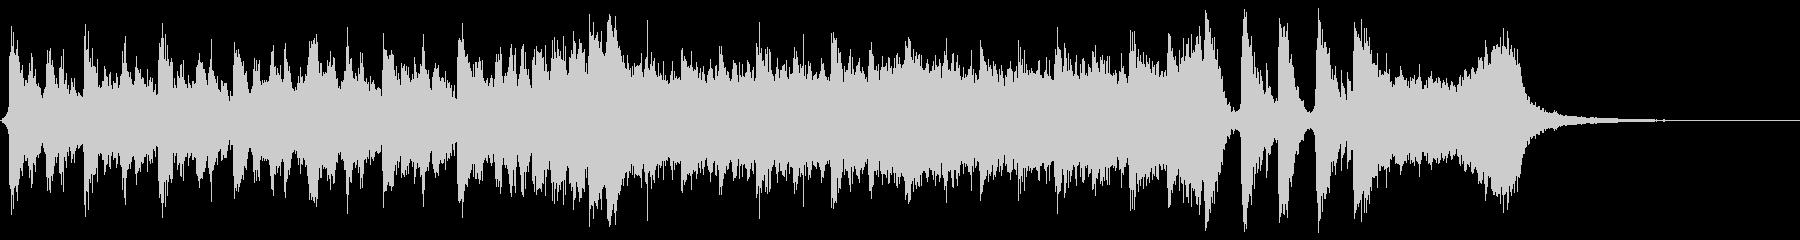 ハリウッド系アイキャッチ02の未再生の波形